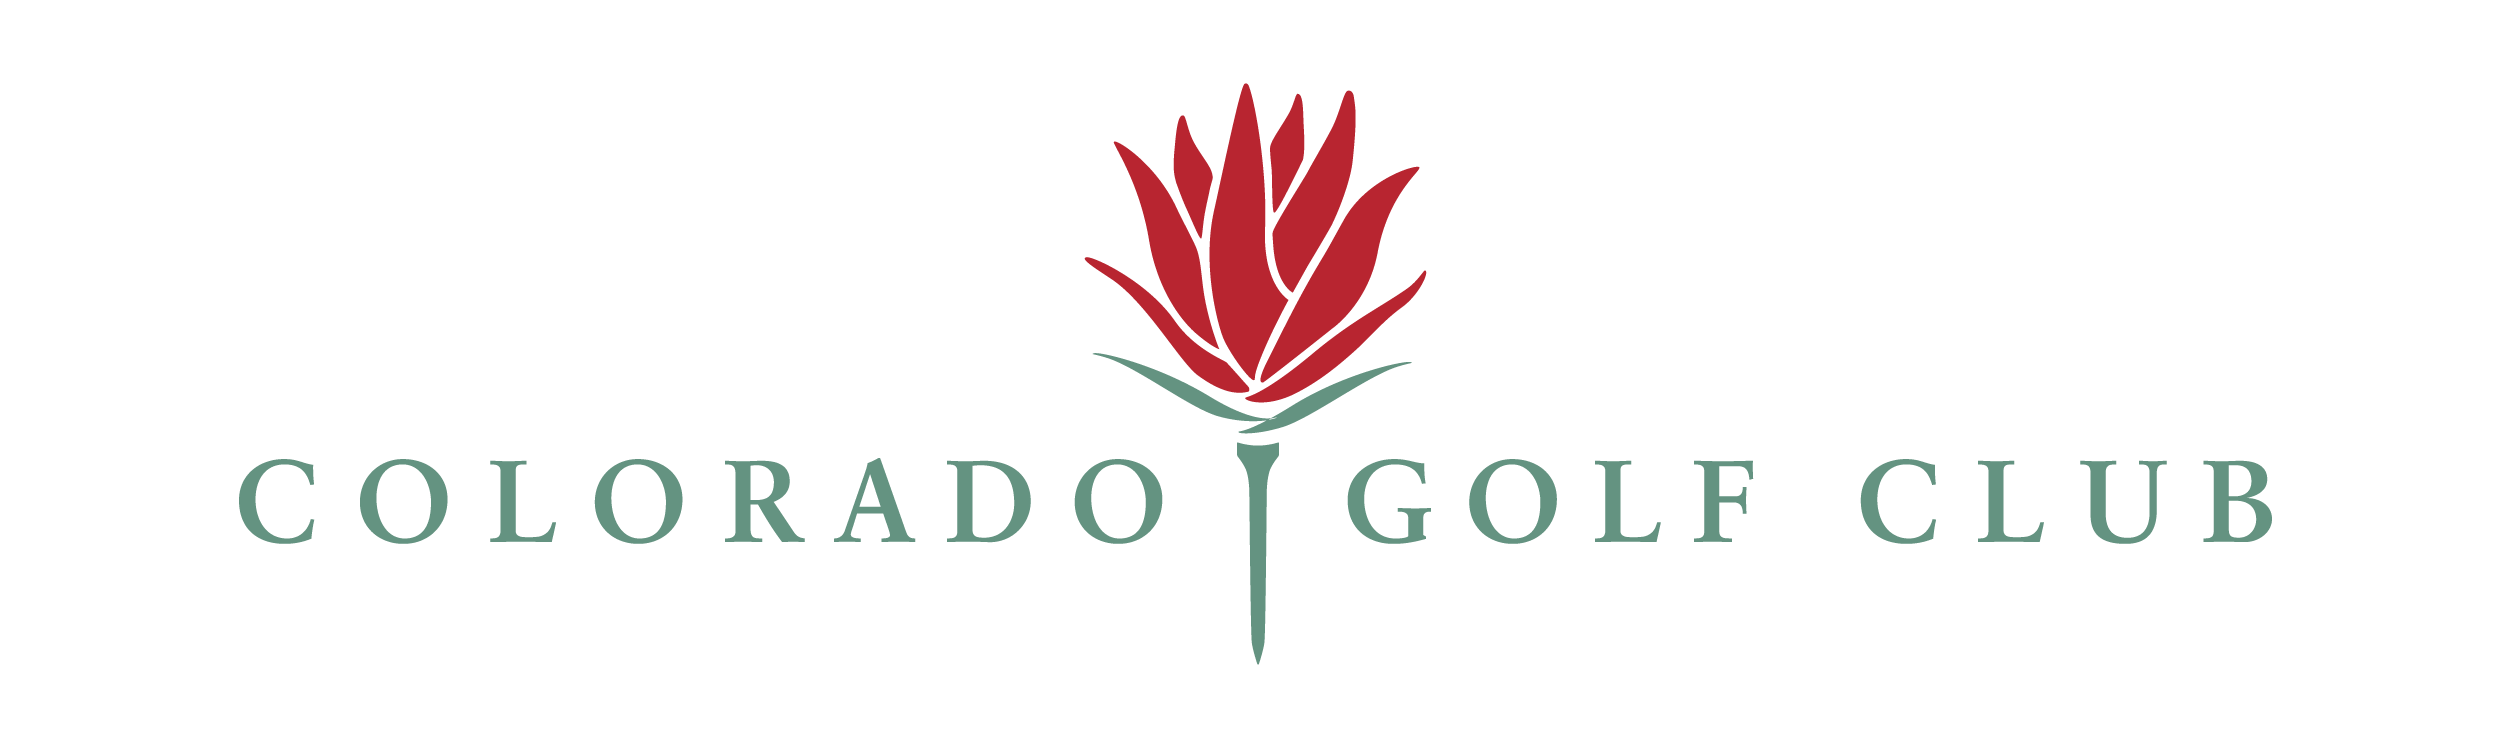 Colorado Golf Club Living